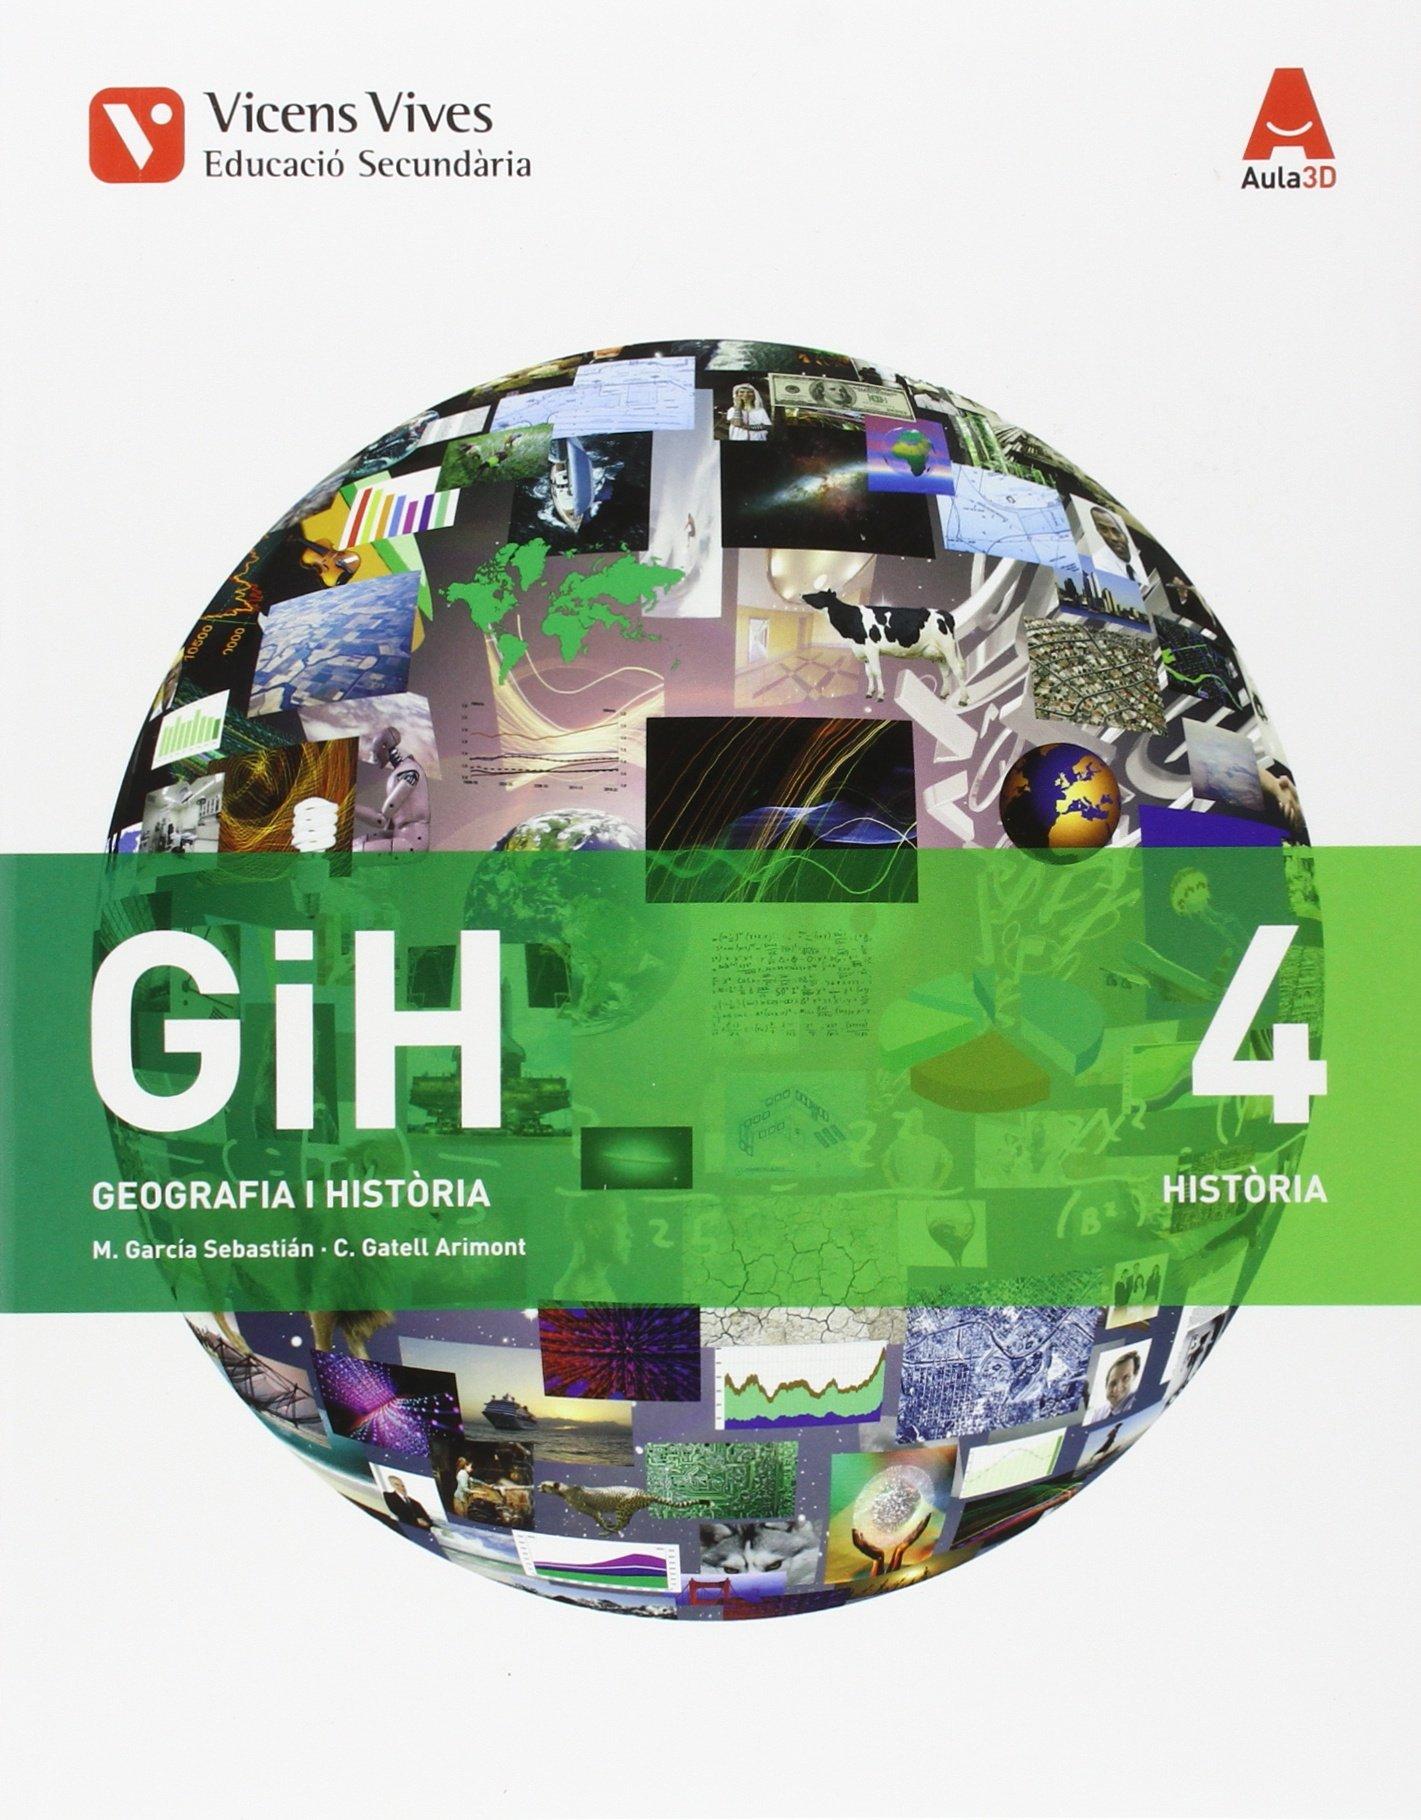 GIH 4 (HISTORIA) ESO AULA 3D: 000001 - 9788468236018: Amazon.es: Garcia Sebastian, Margarita, Gatell Arimont, Cristina: Libros